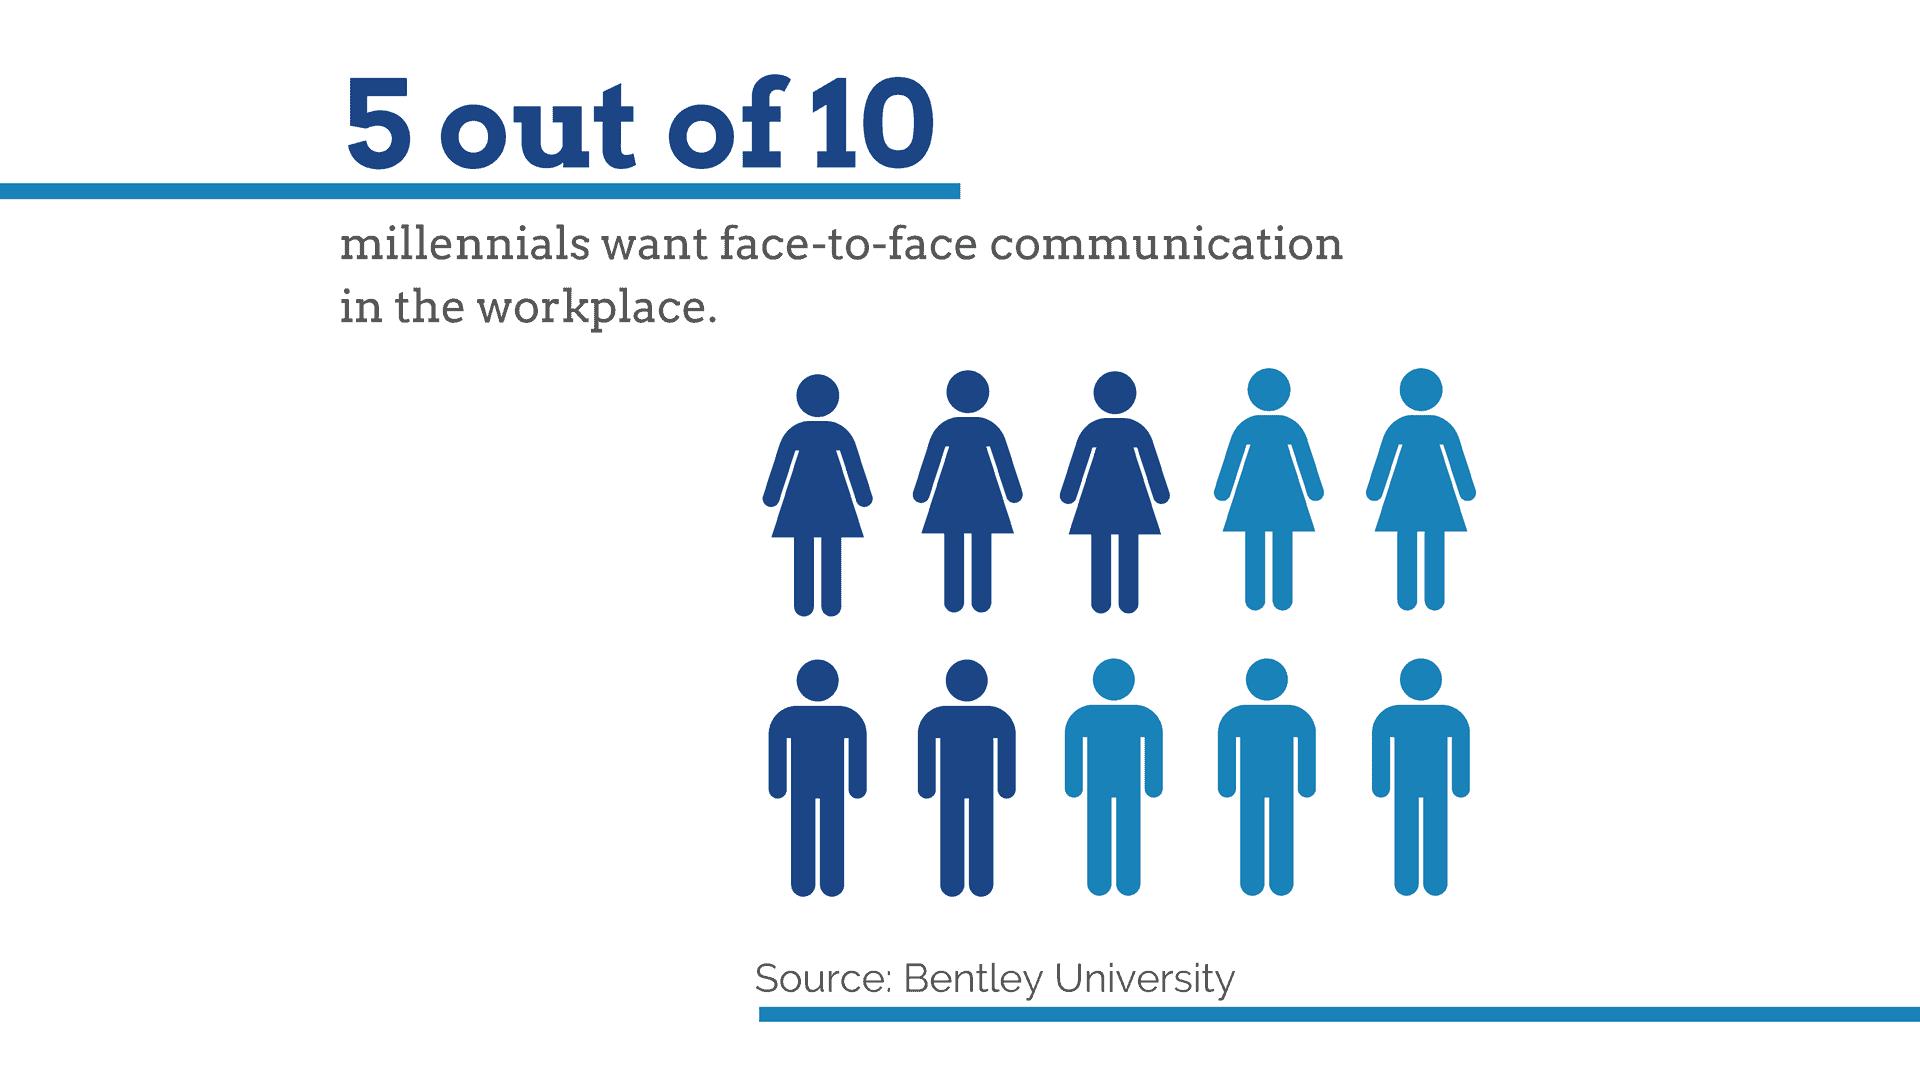 millennials prefer face-to-face communication